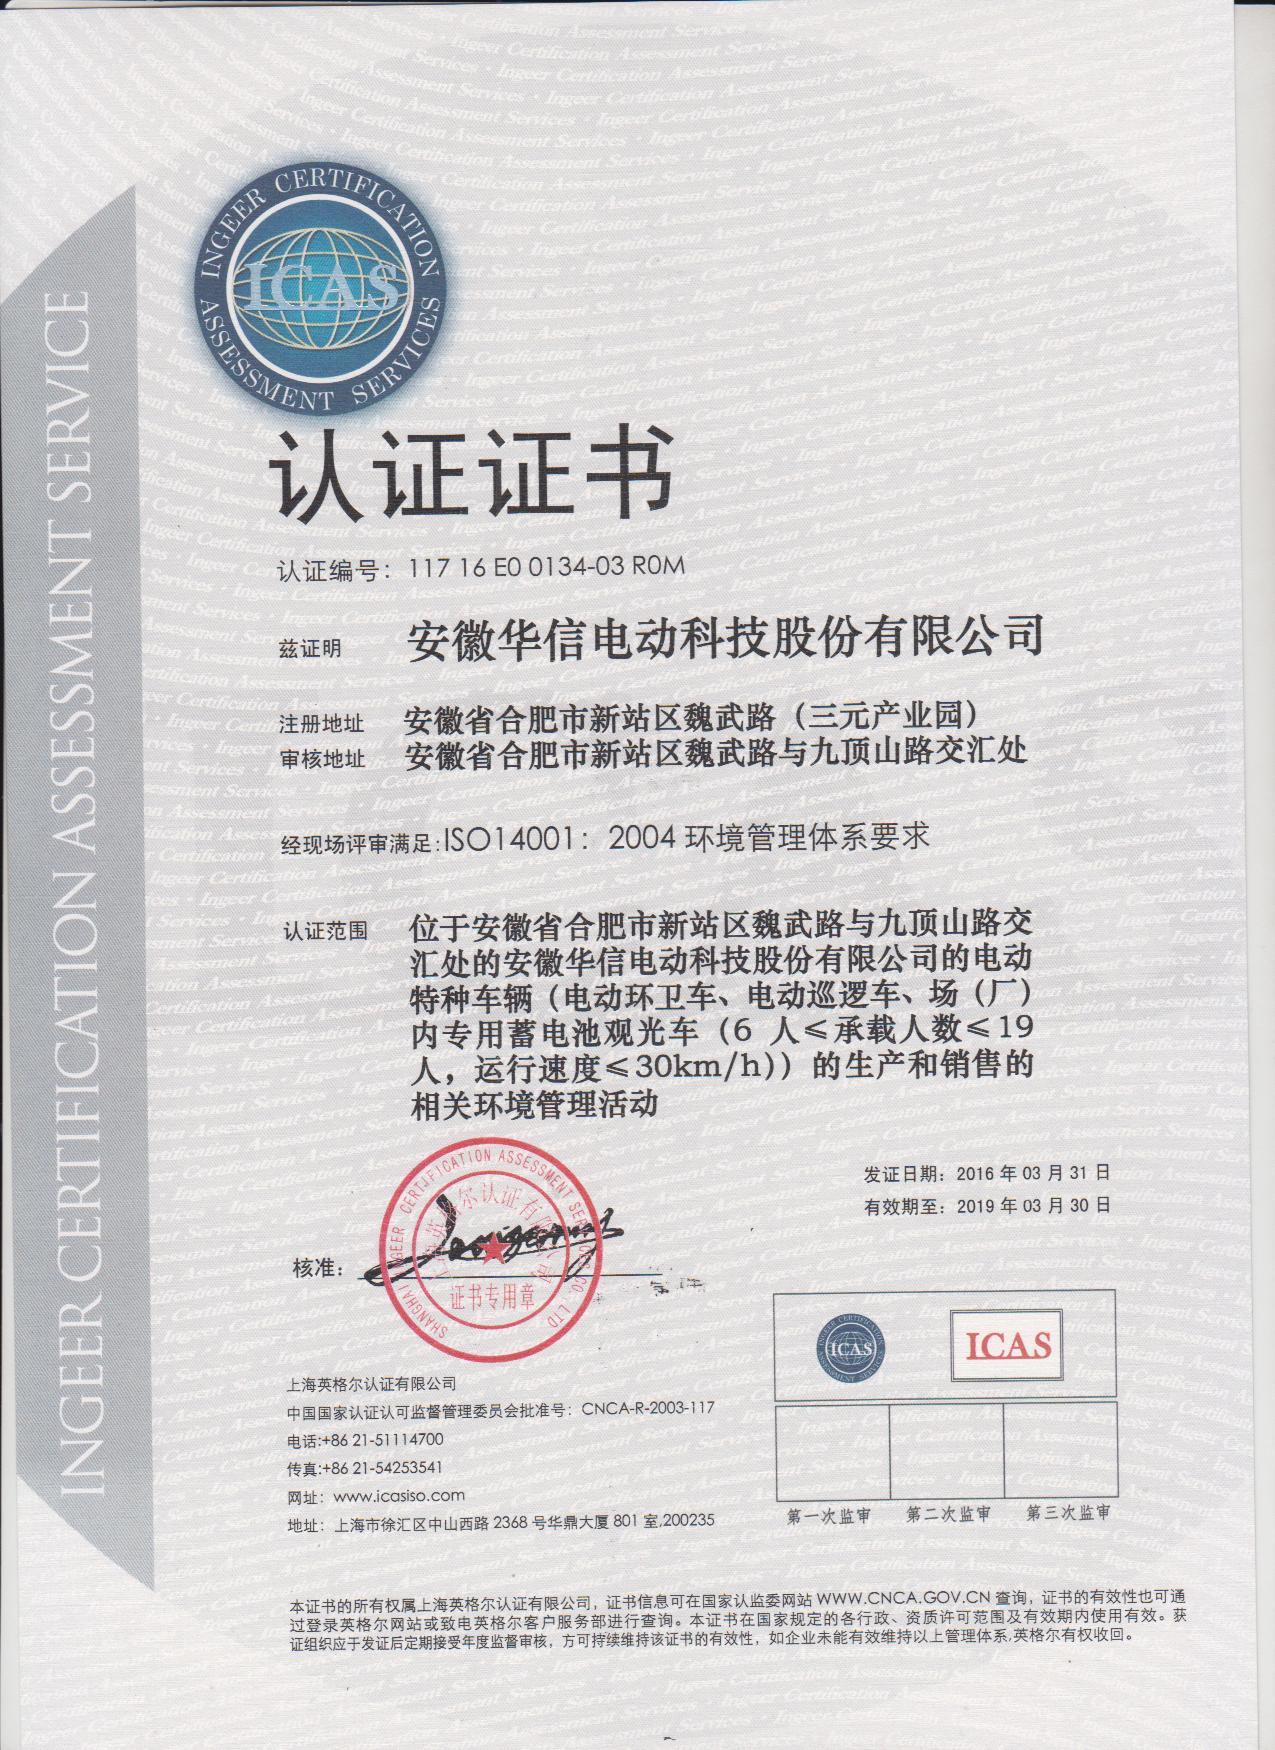 环境管理体系认证14001